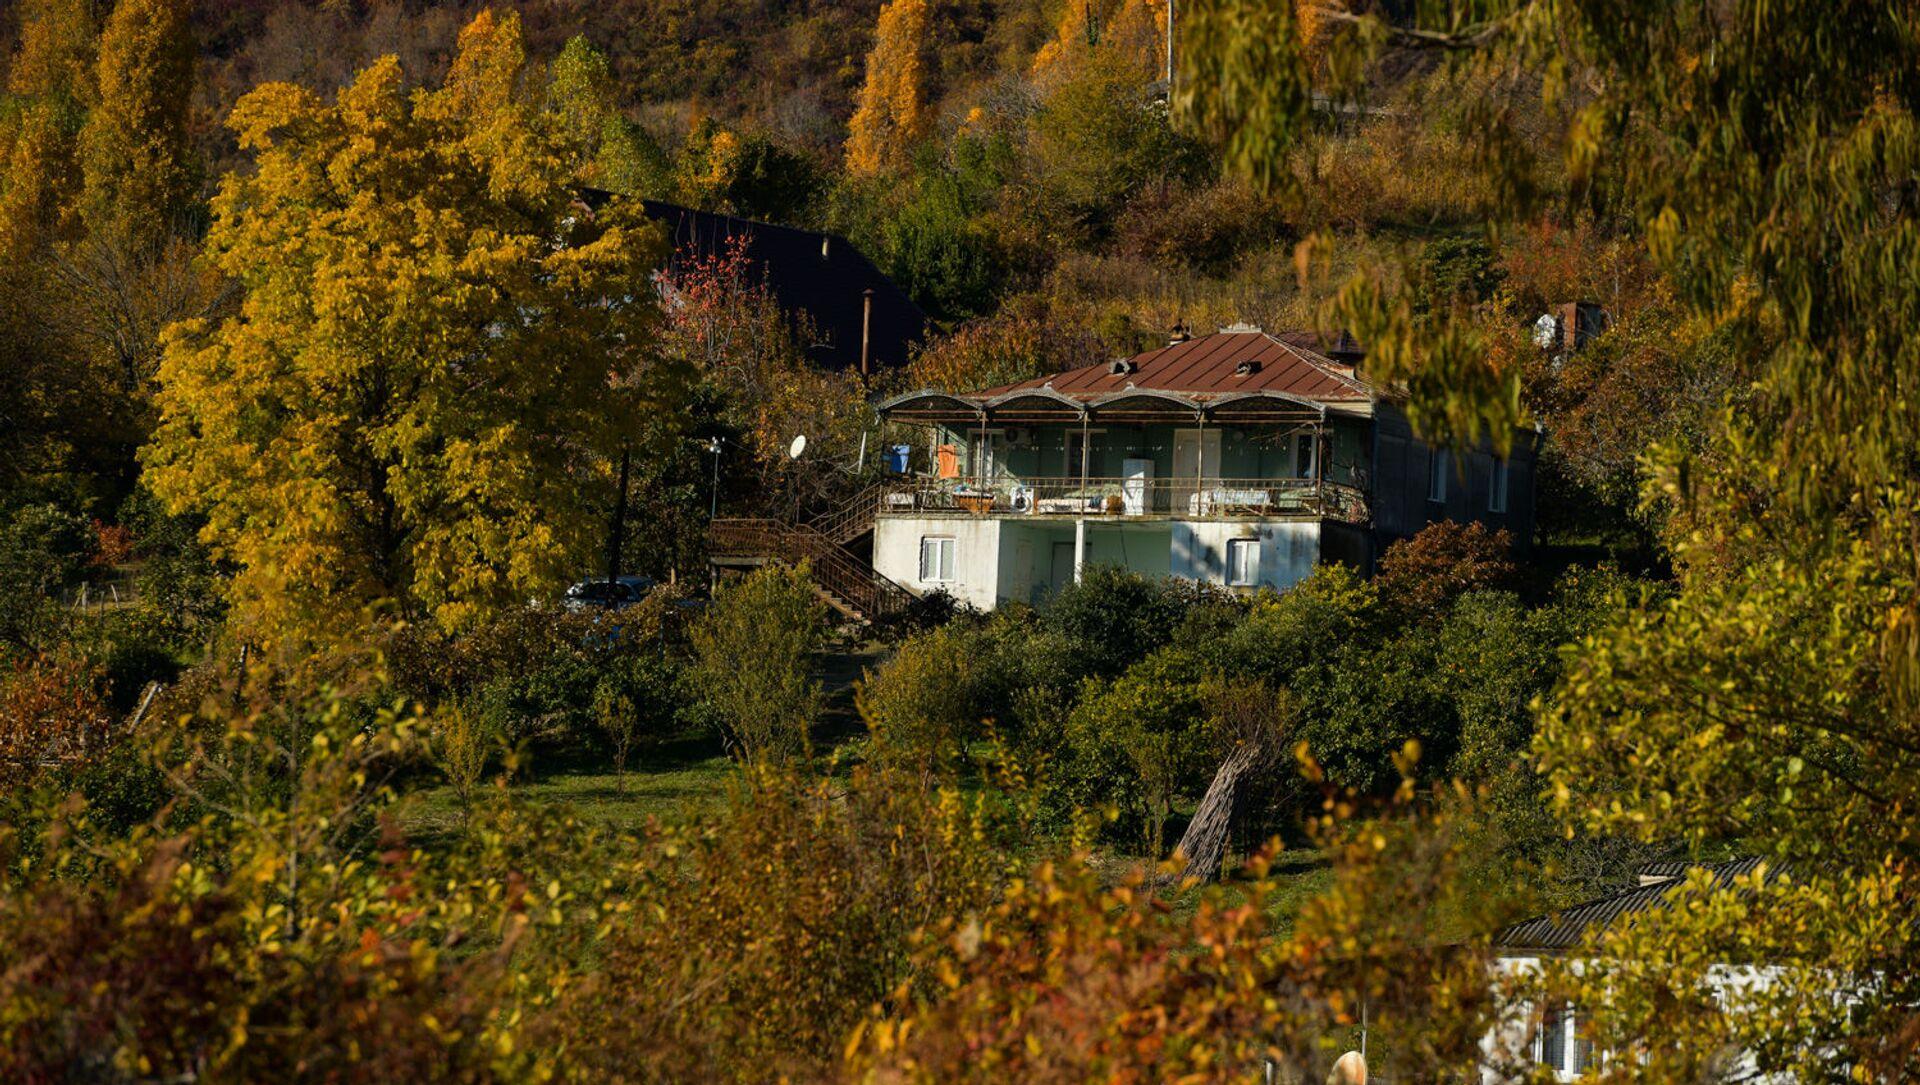 Осень в Абхазии  - Sputnik Аҧсны, 1920, 30.07.2021